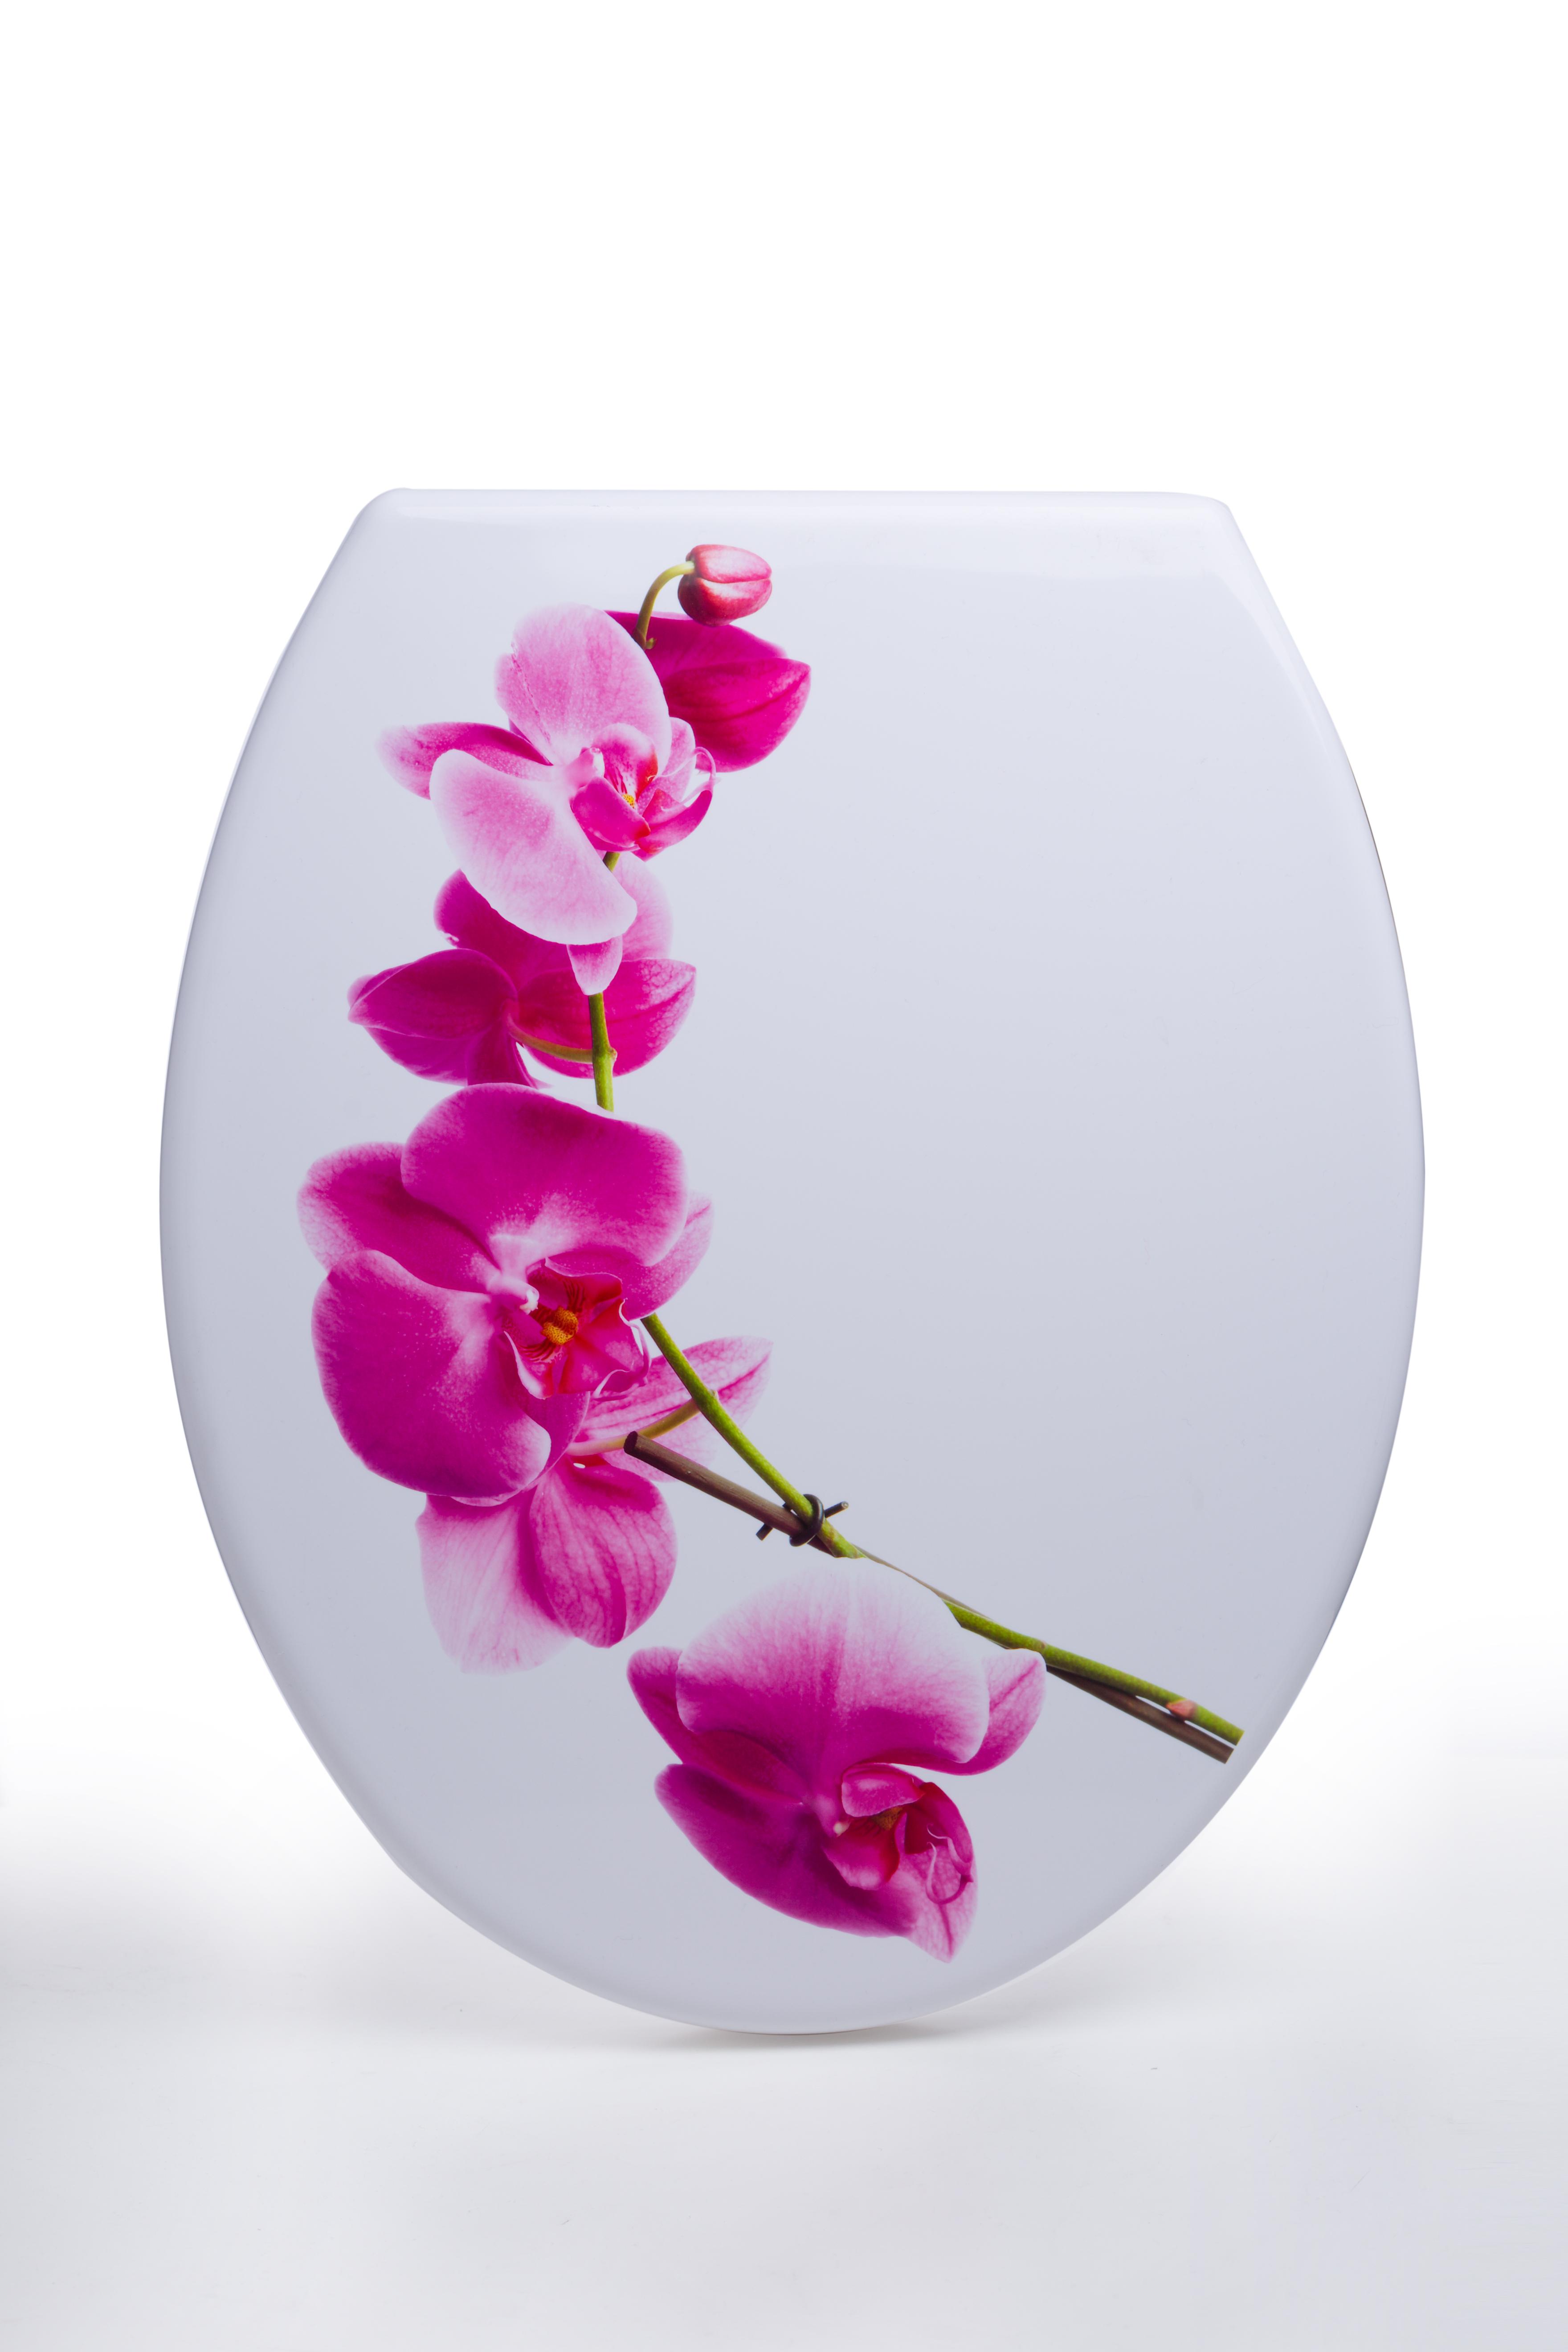 מושב אסלה מעוצב ציר נשלף דגם פרחים